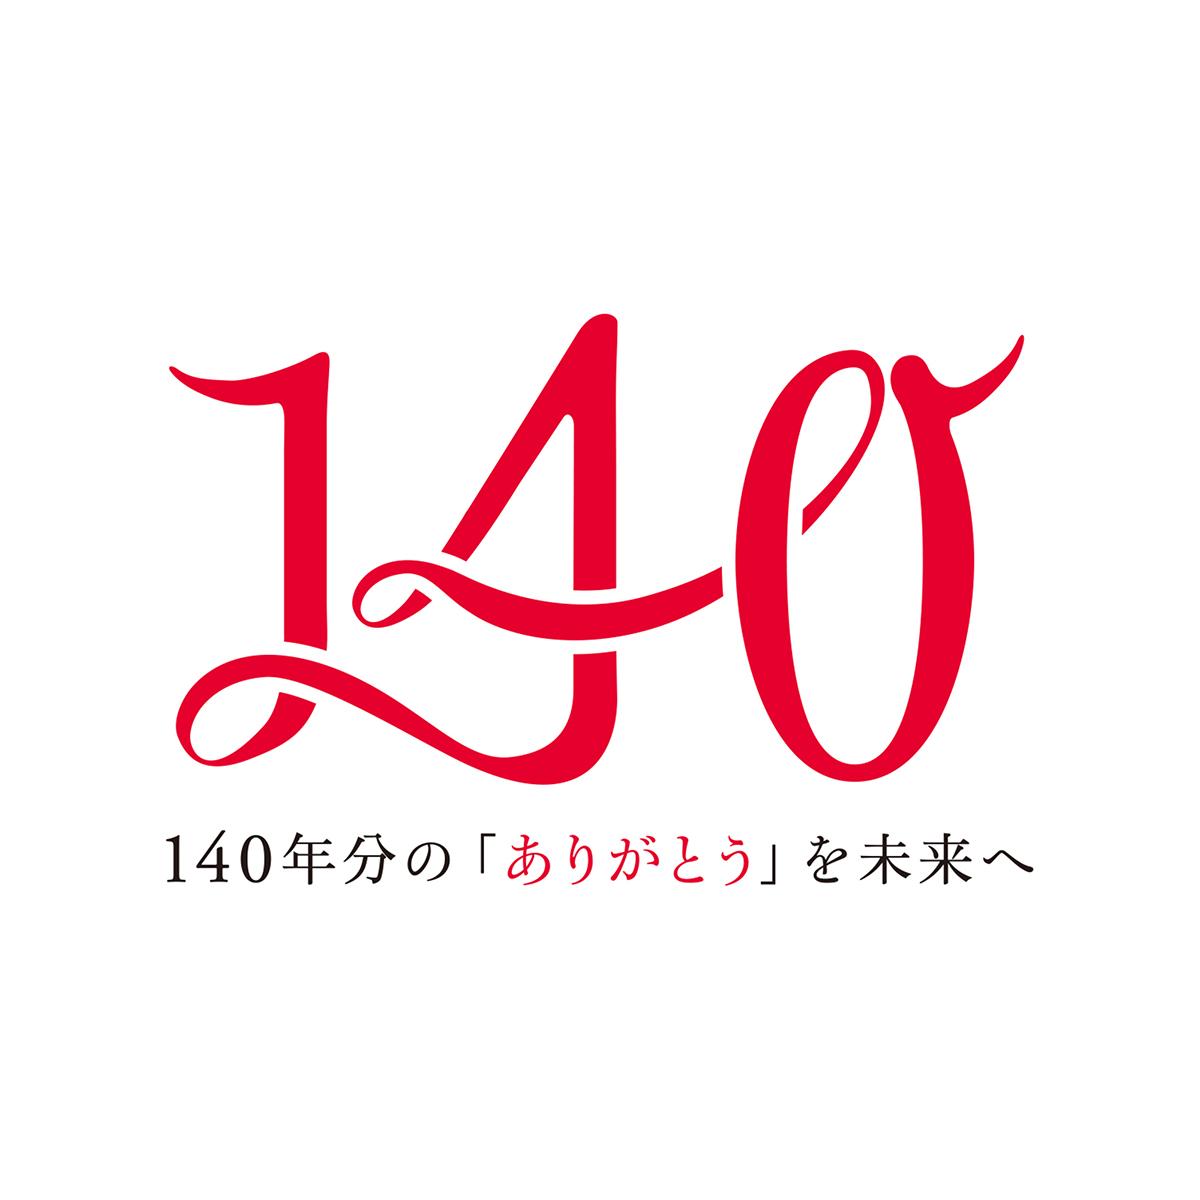 百十四銀行 140周年記念 ロゴマーク